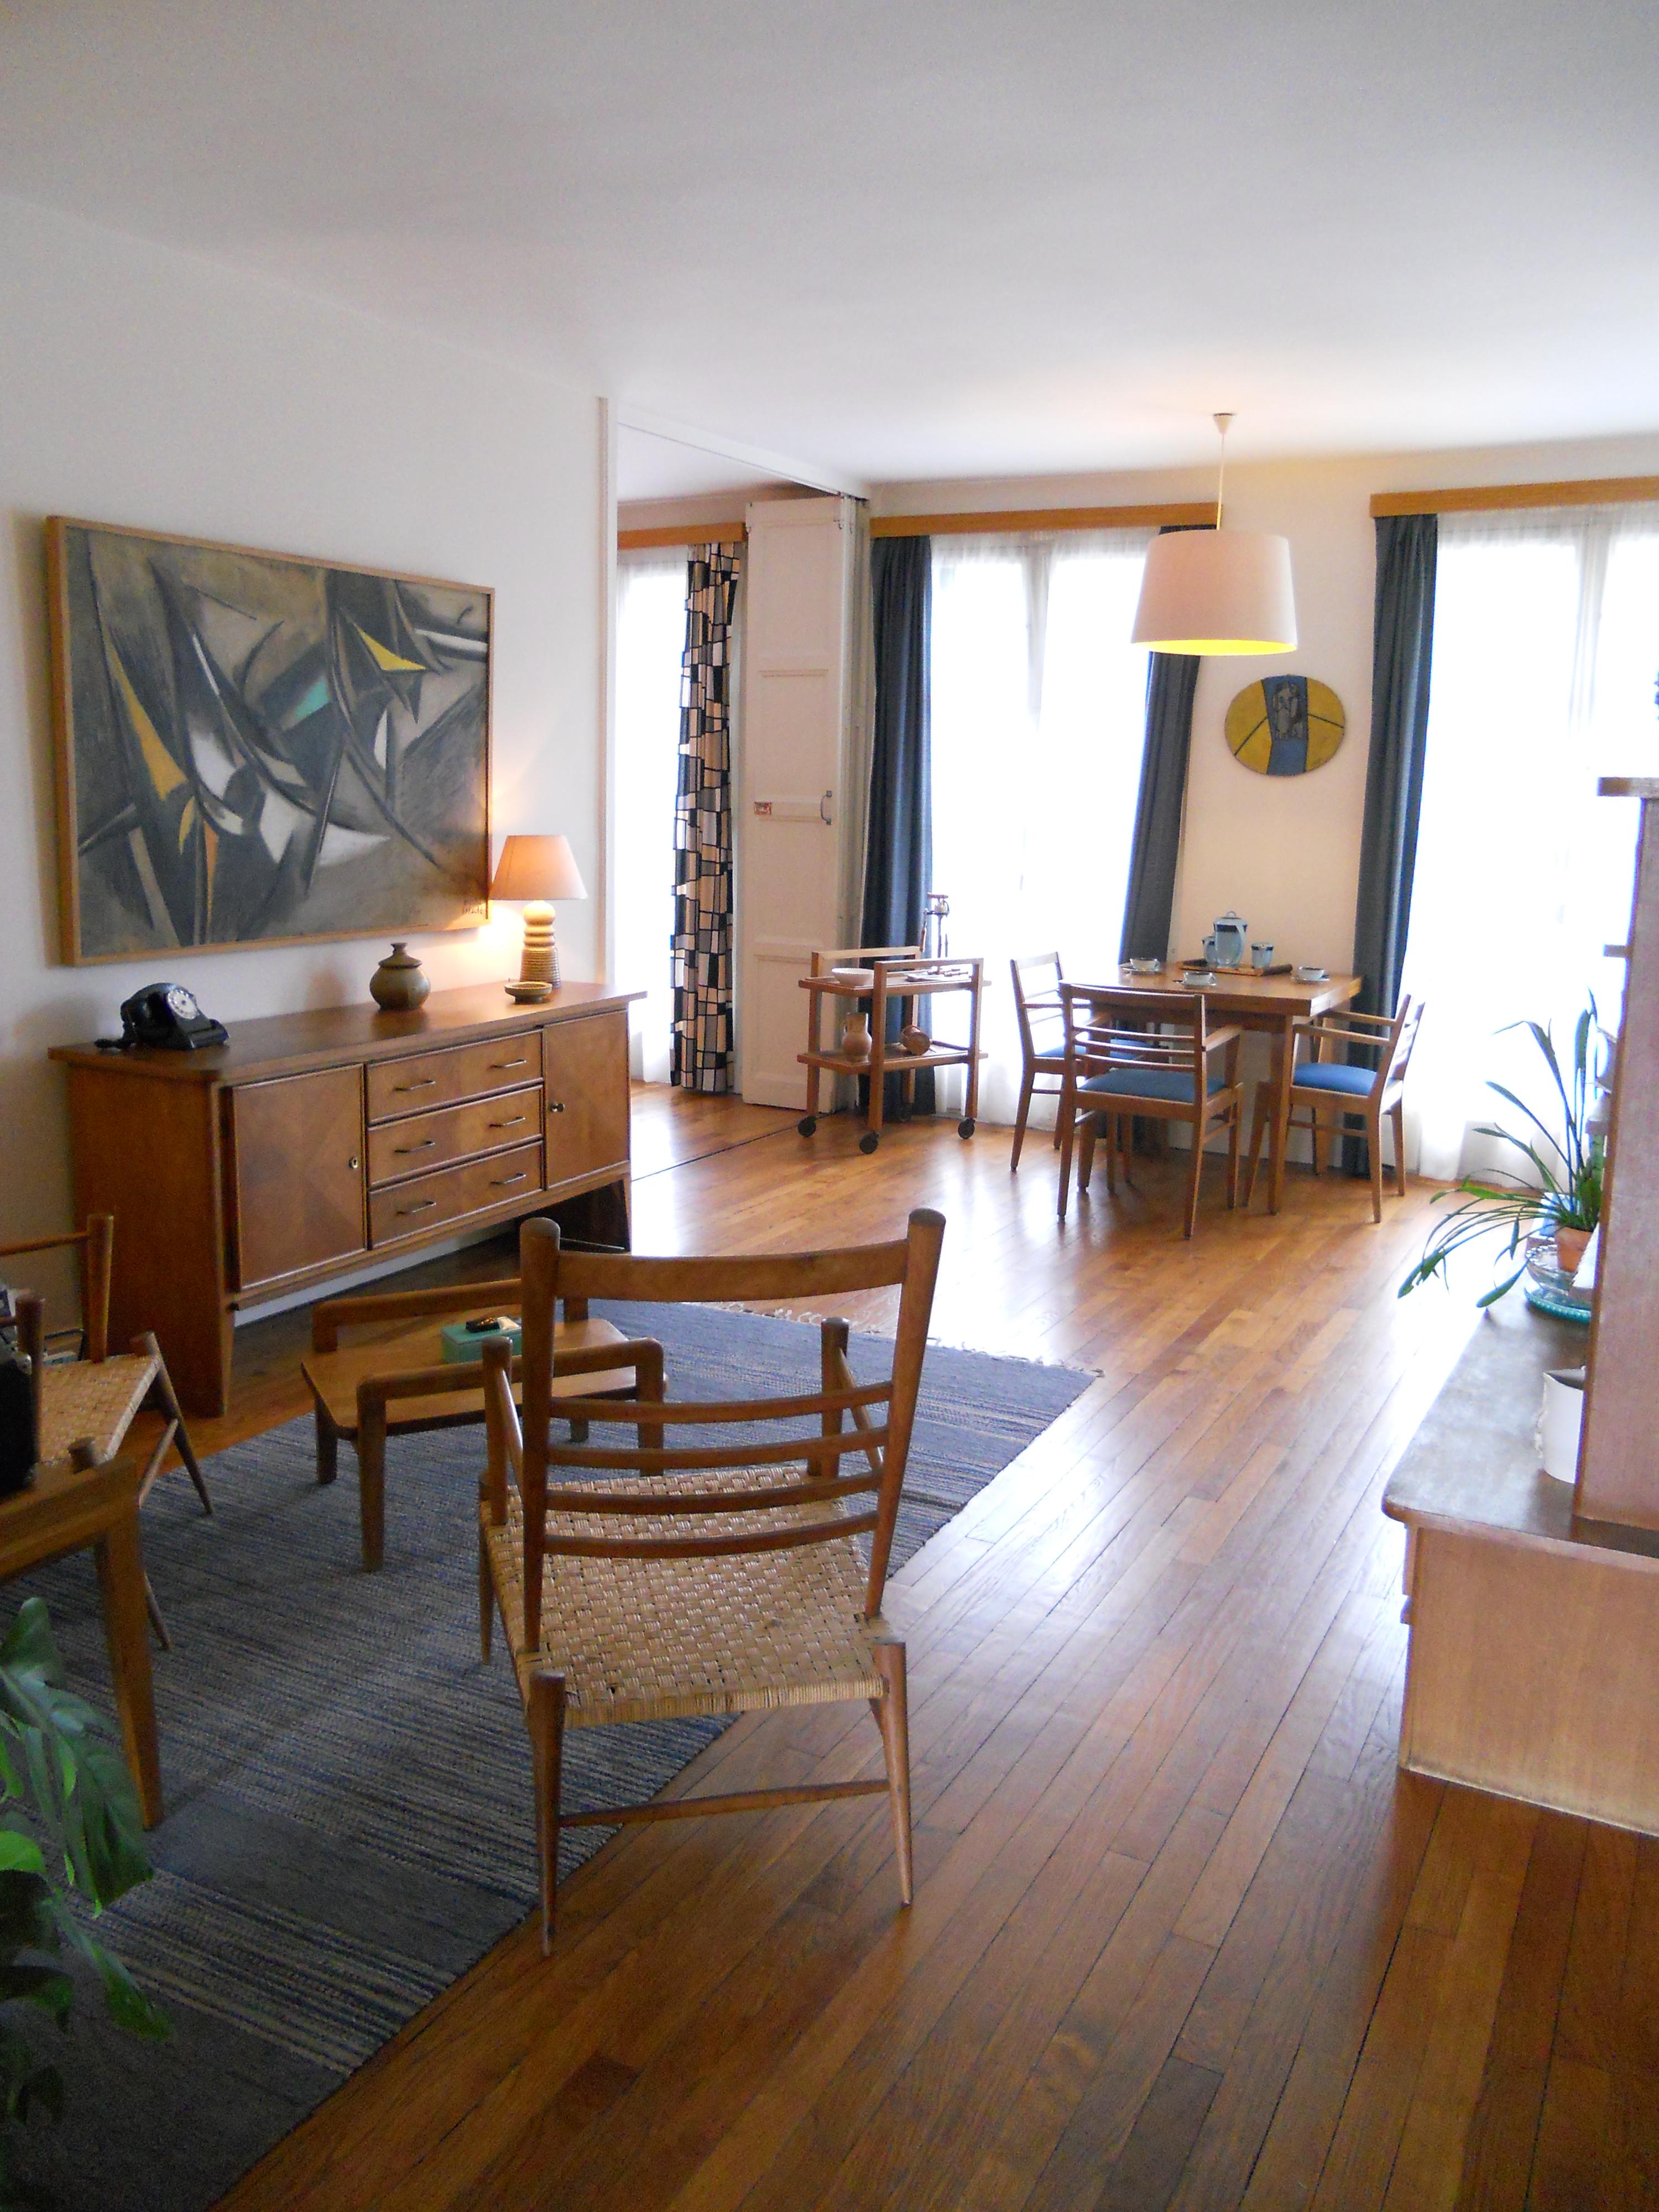 file salle de s jour de la maison t moin perret au havre. Black Bedroom Furniture Sets. Home Design Ideas